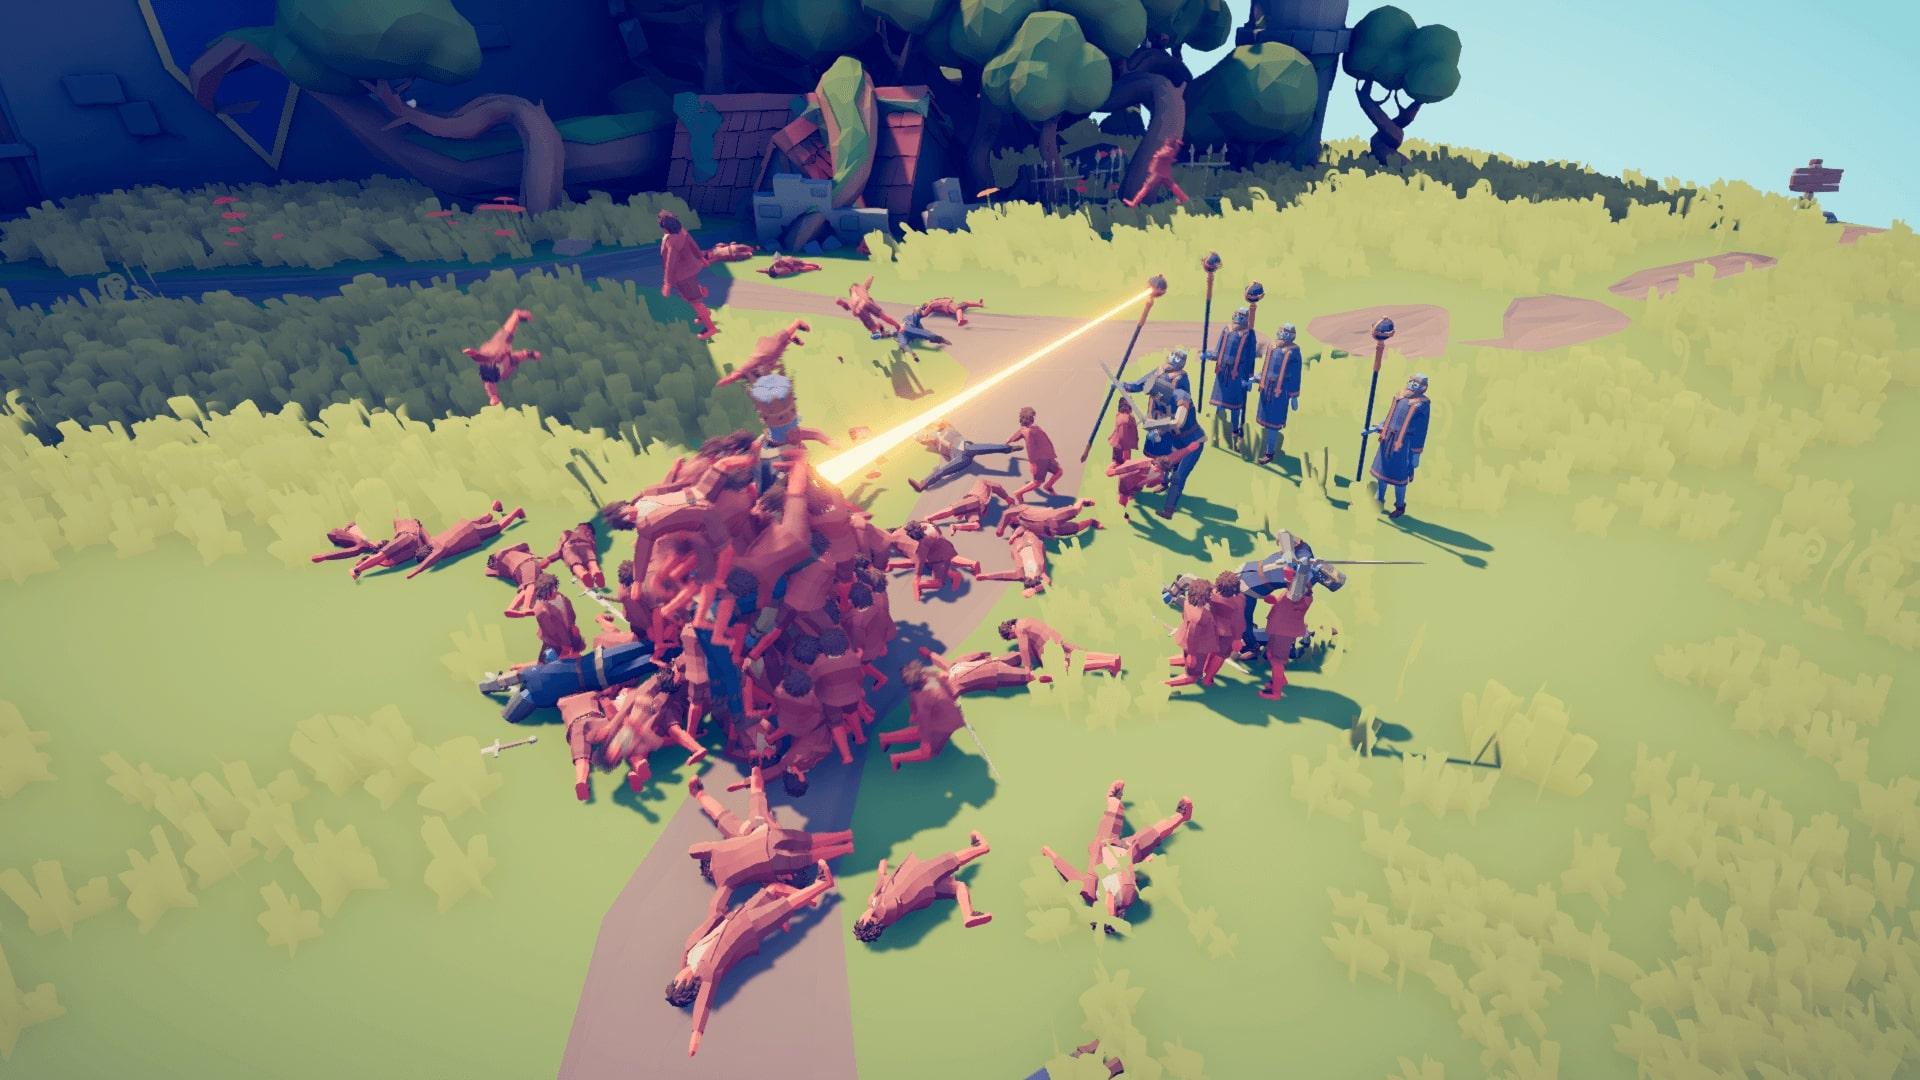 おすすめ ゲーム スチーム 【2021最新】Steamのマルチプレイ人気おすすめゲームランキング!(1~30位) オンラインゲームズーム